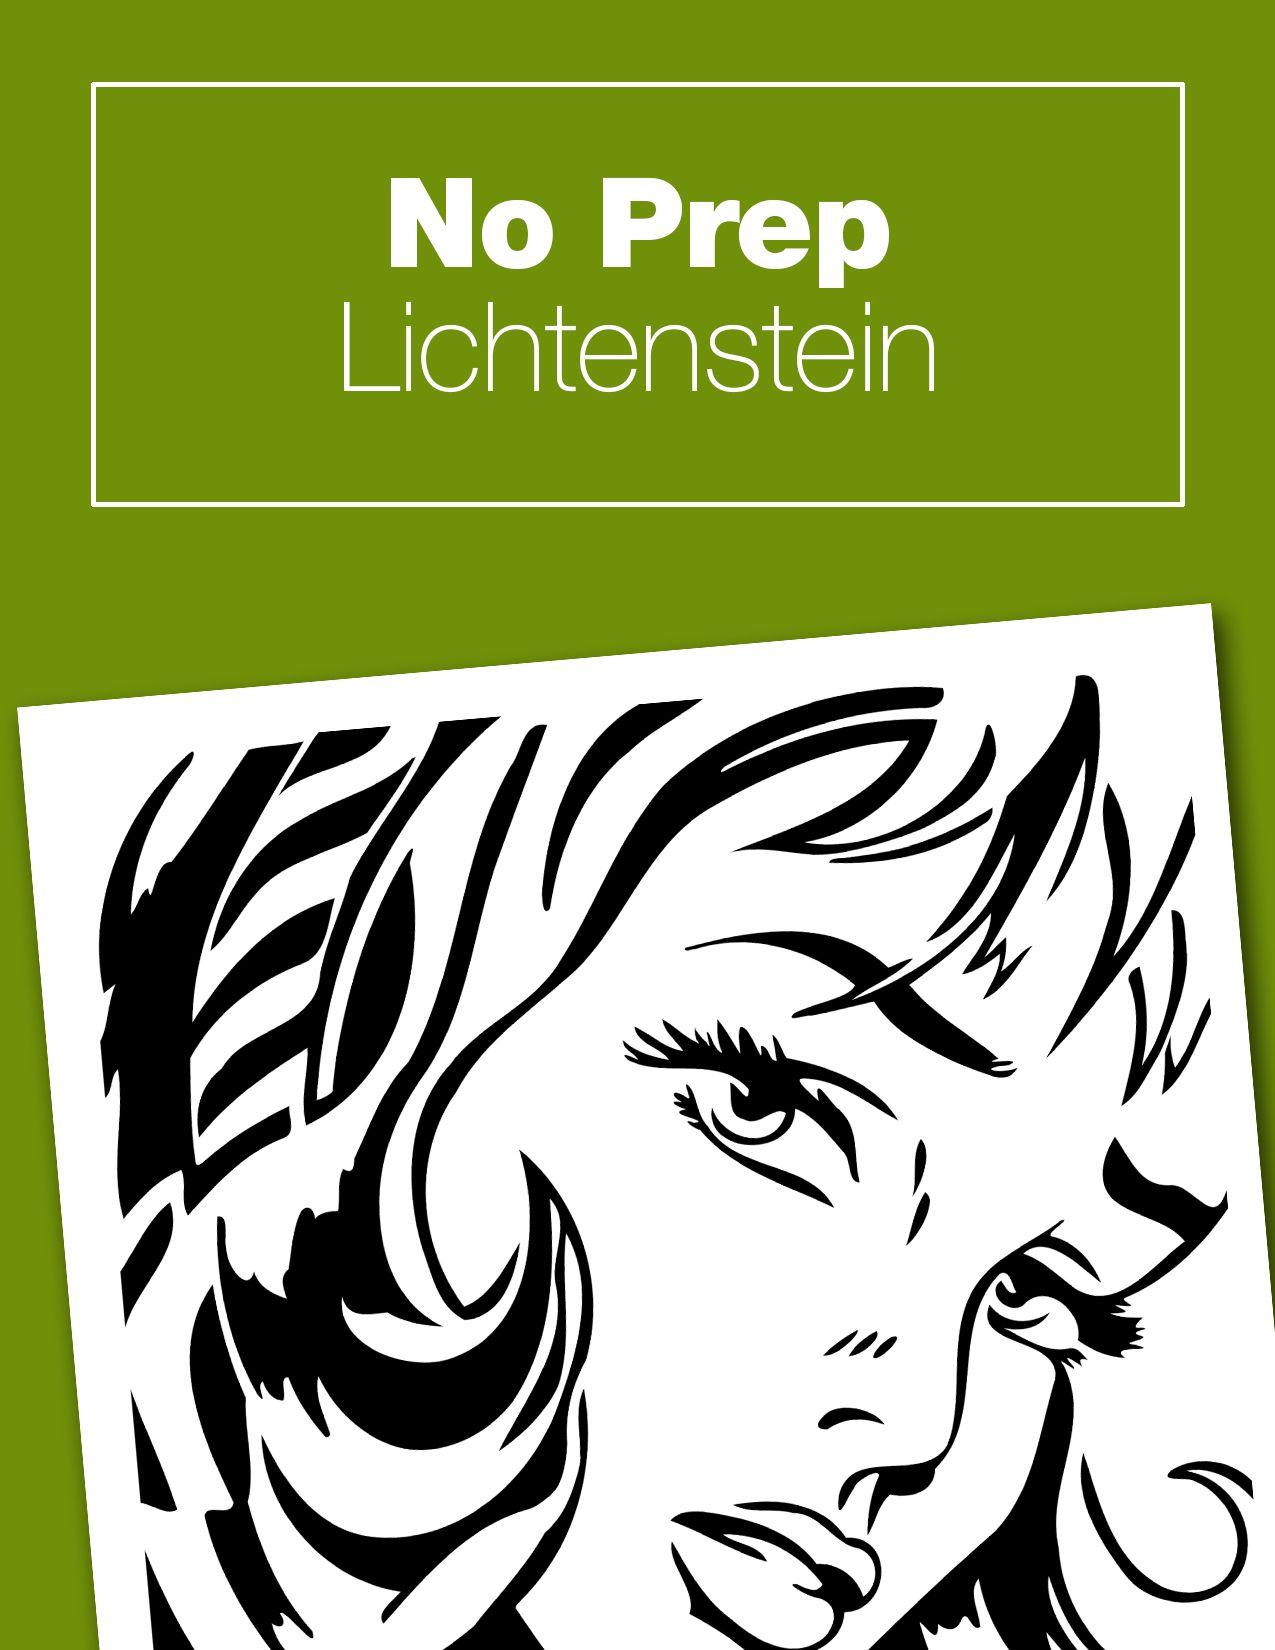 No Prep Lichtenstein Project